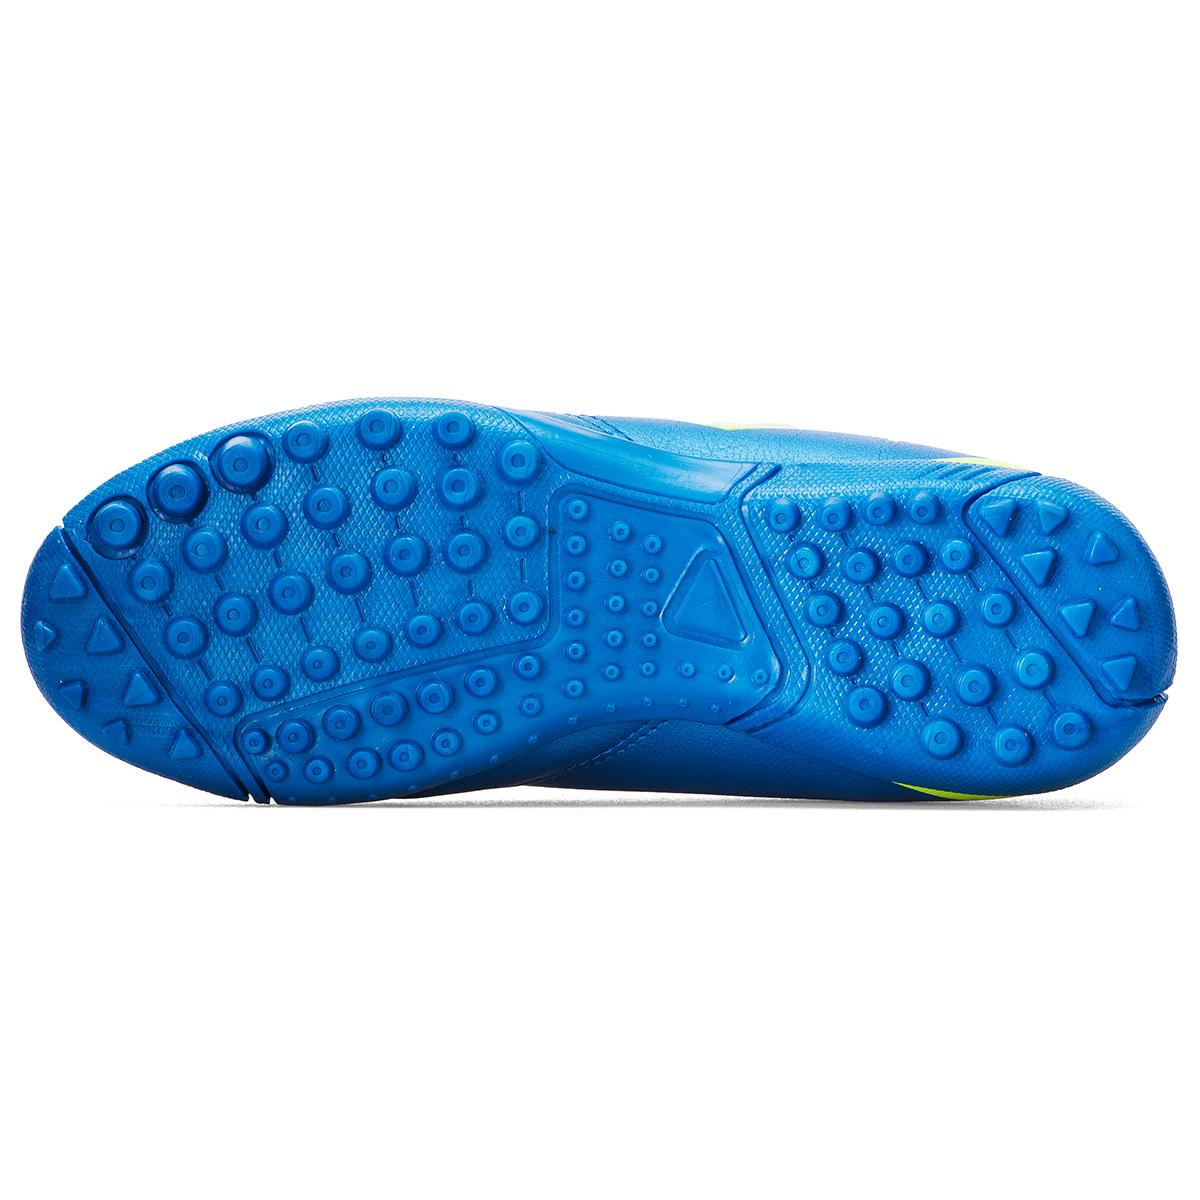 双星运动鞋男防滑儿童足球鞋男童碎钉训练青少年舒适学生草地球鞋